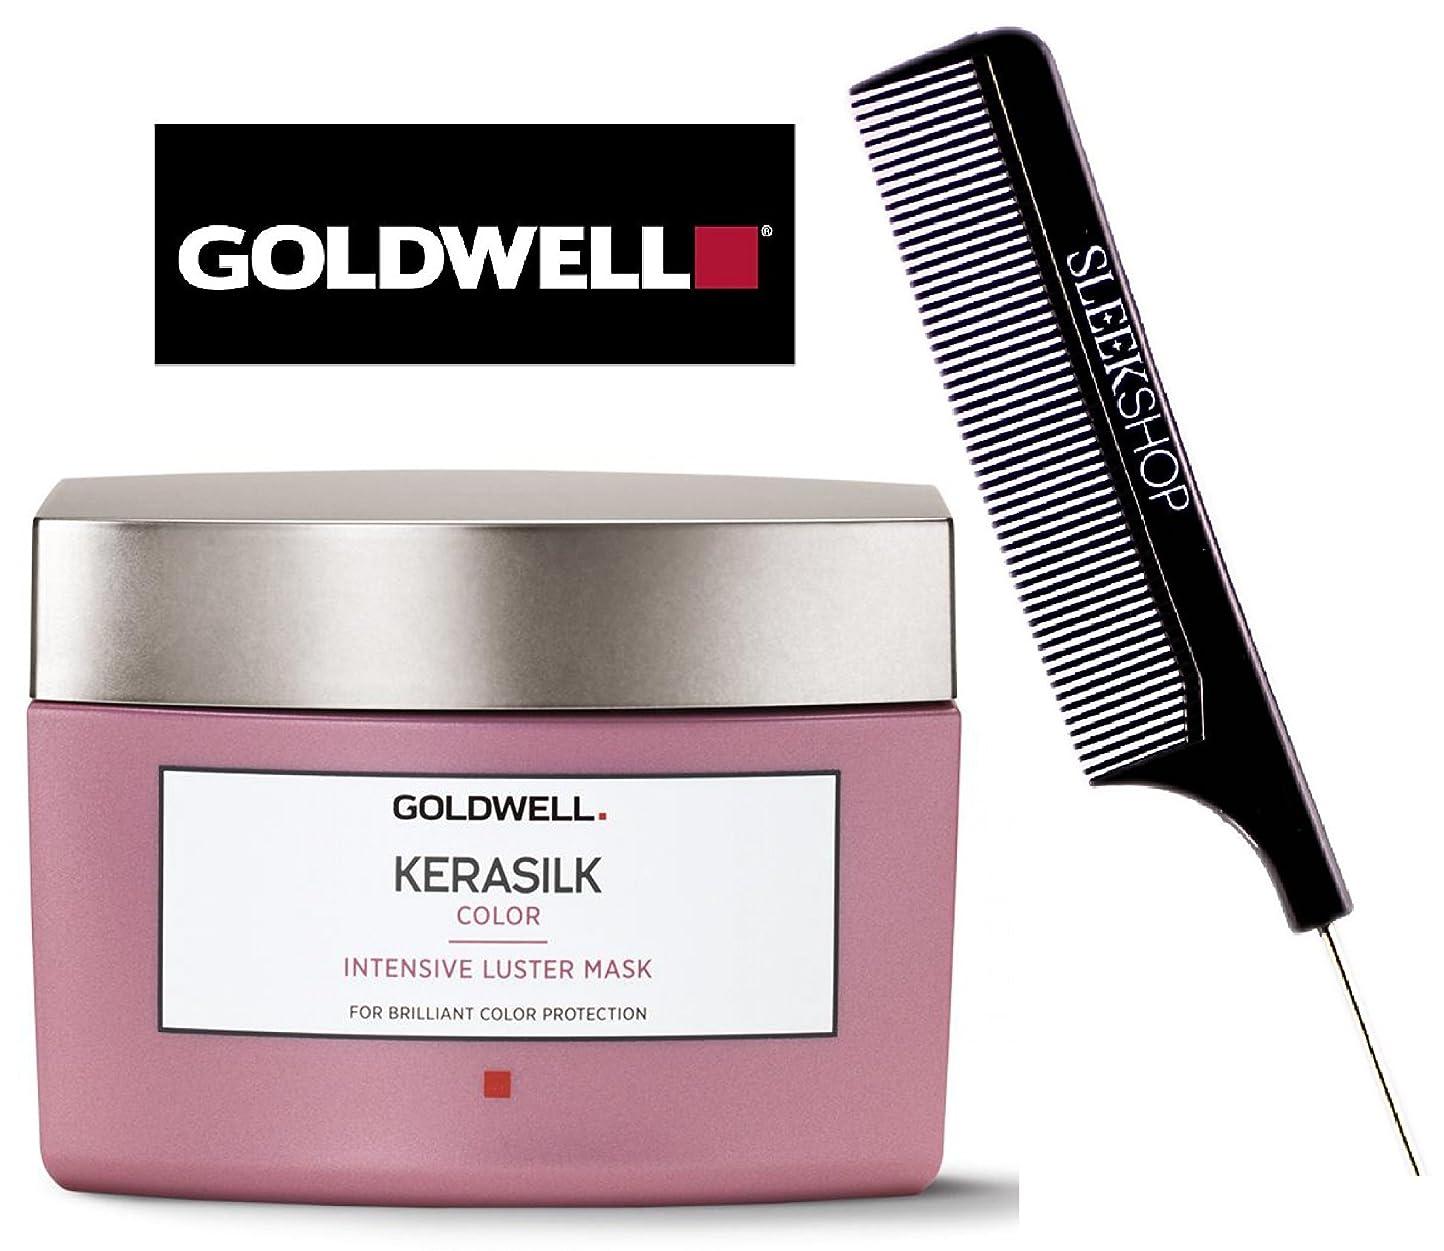 定常リクルート先生Goldwell Kerasilk COLOR(なめらかなスチールピンテールくし付き)鮮やかな色の保護のための集中光沢マスク 6.7オンス/ 200ミリリットル小売size